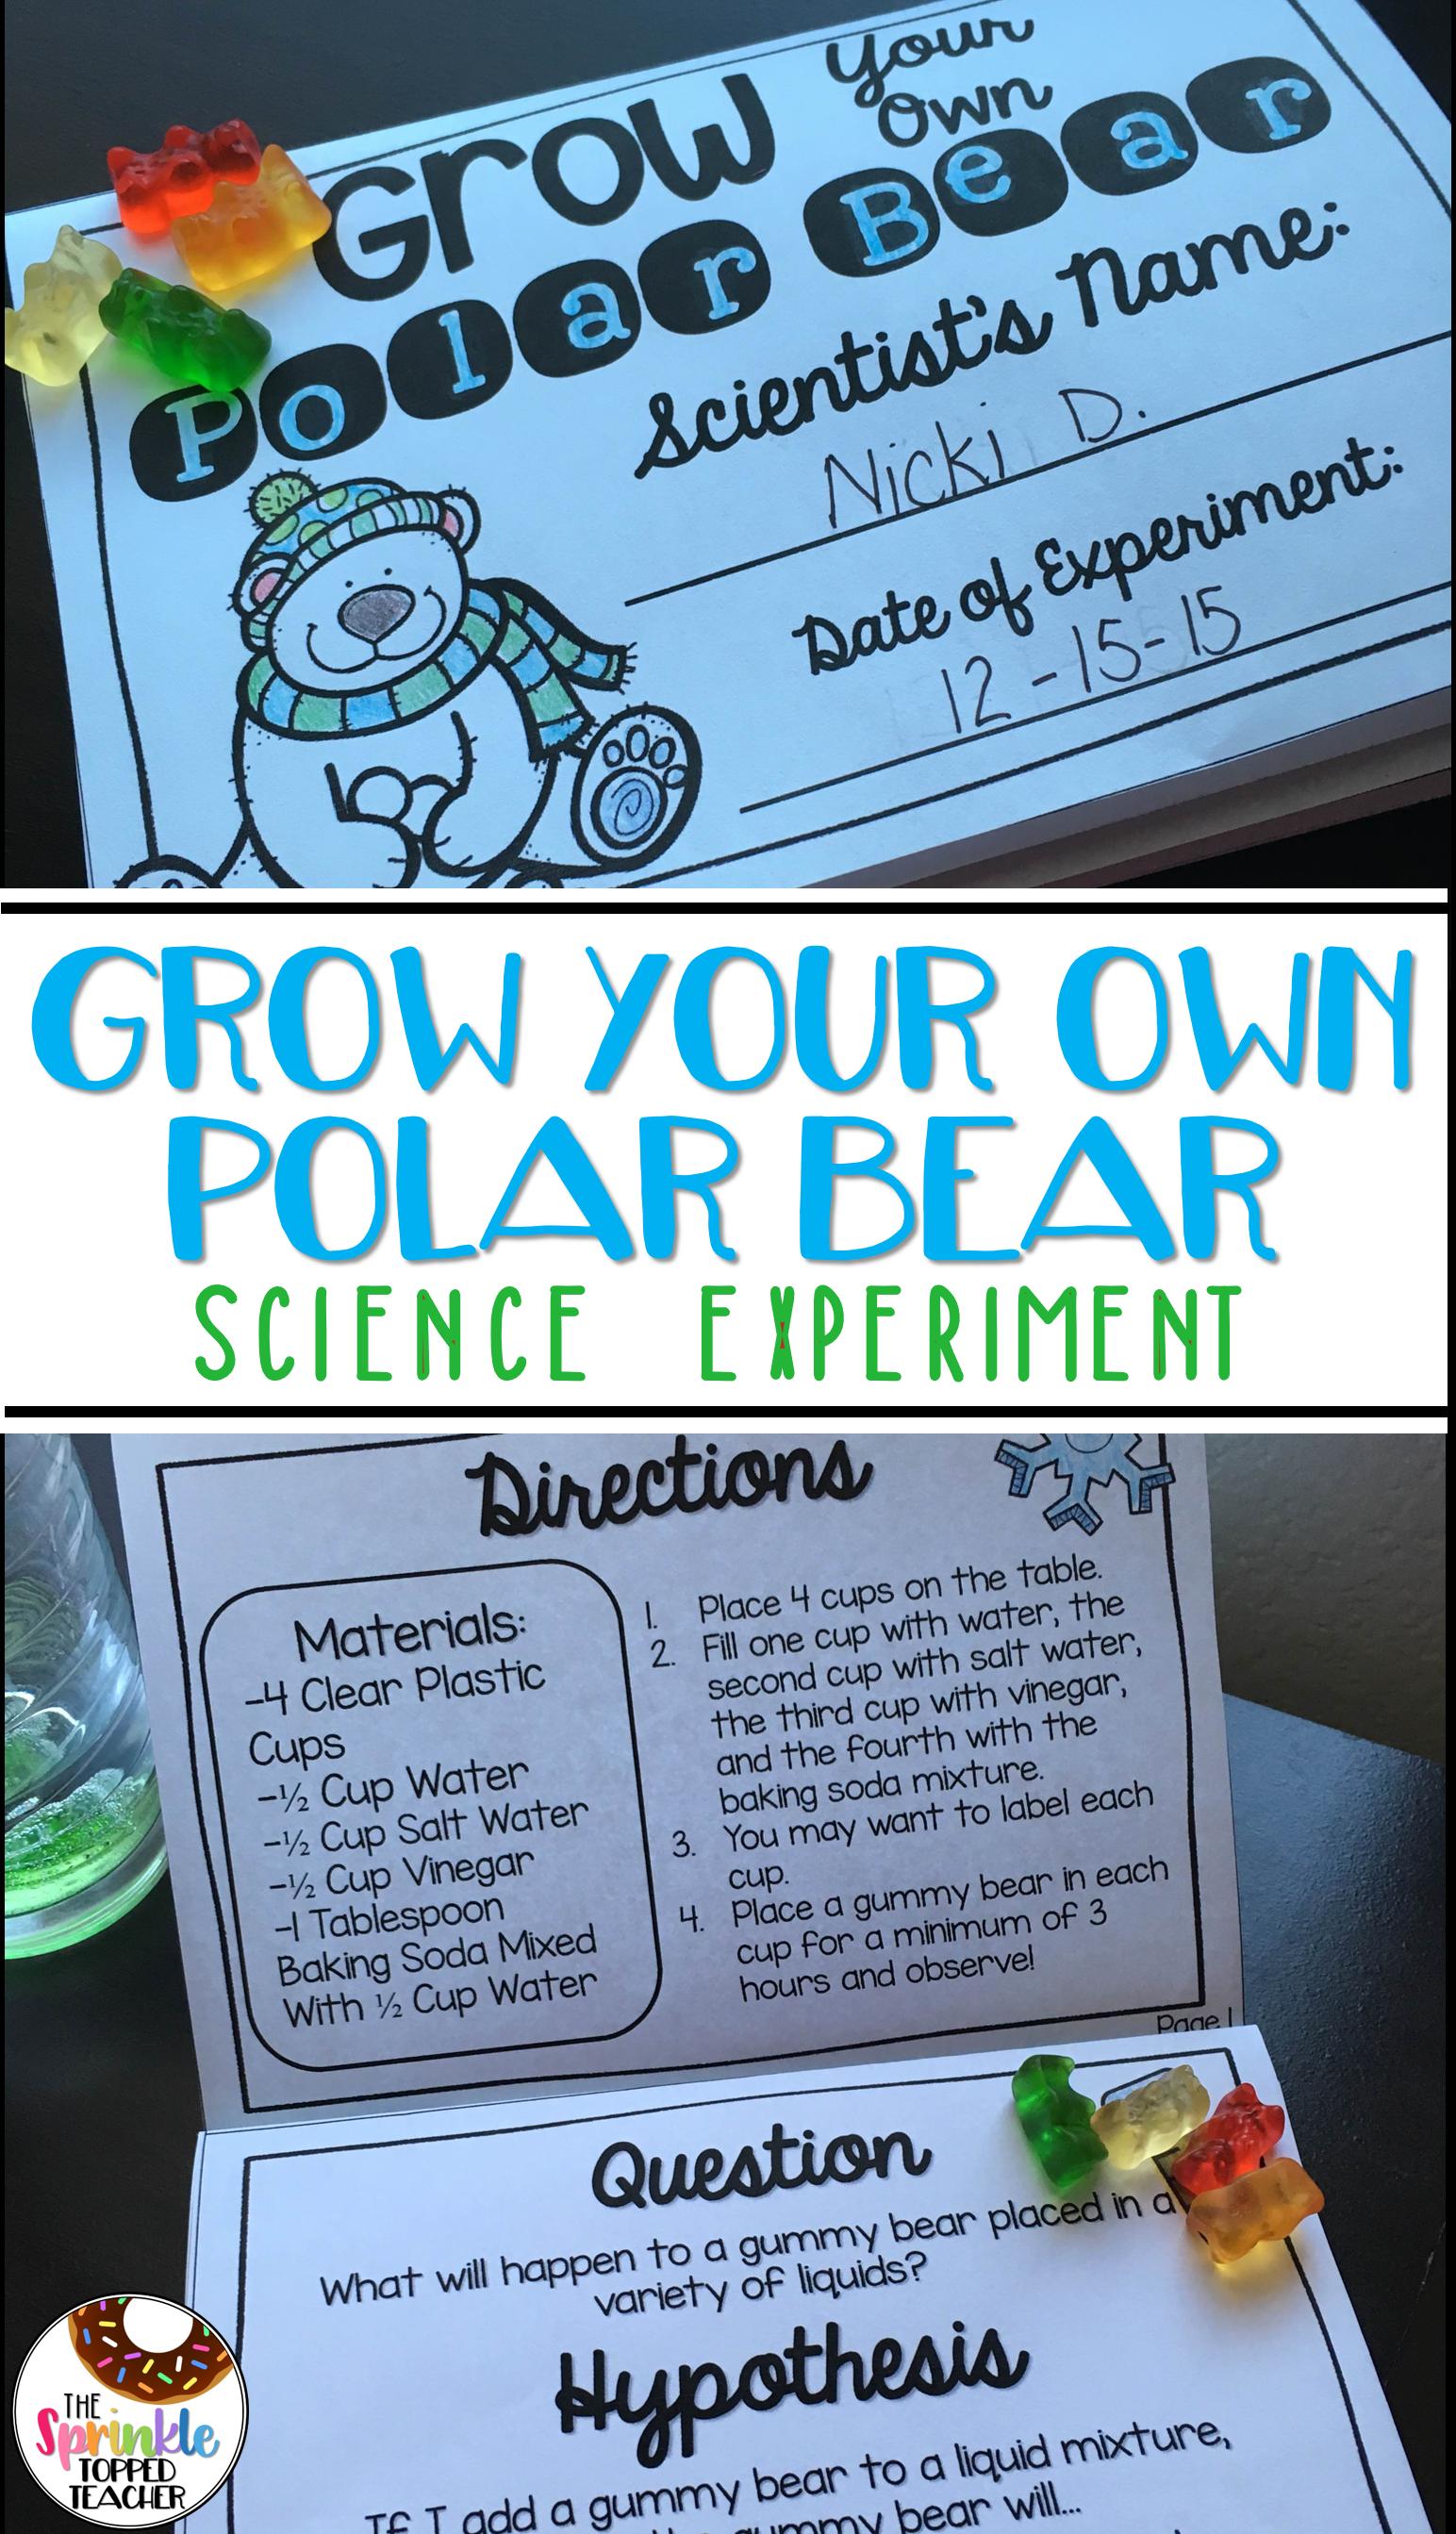 Grow Your Own Polar Bear Science Experiment Using